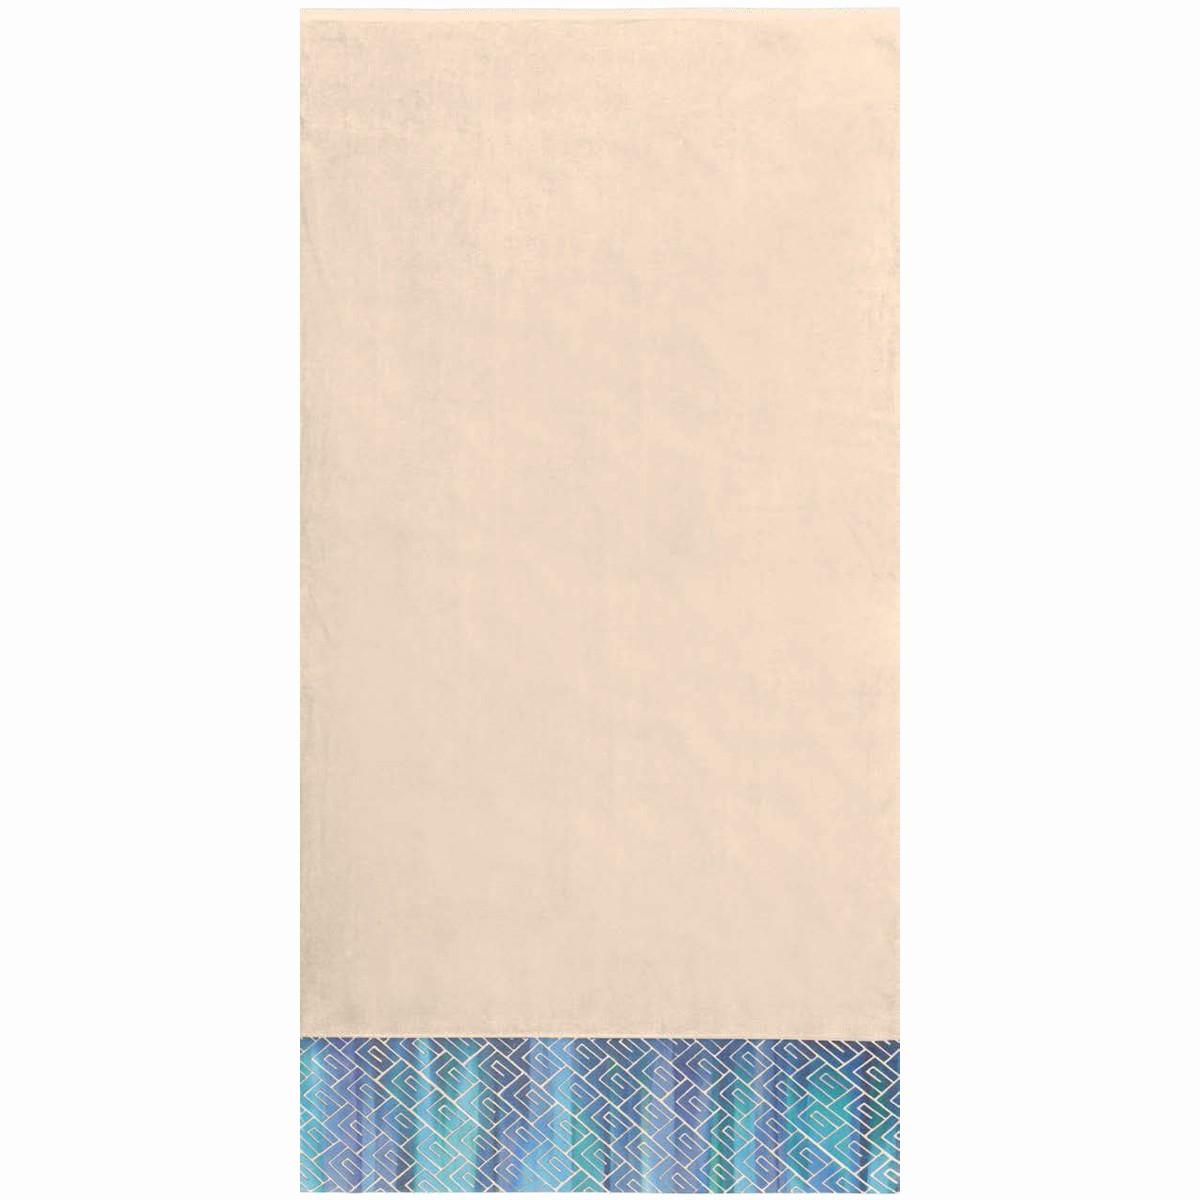 Πετσέτα Θαλάσσης Guy Laroche Jacquard Printed 1 Sand/Aqua